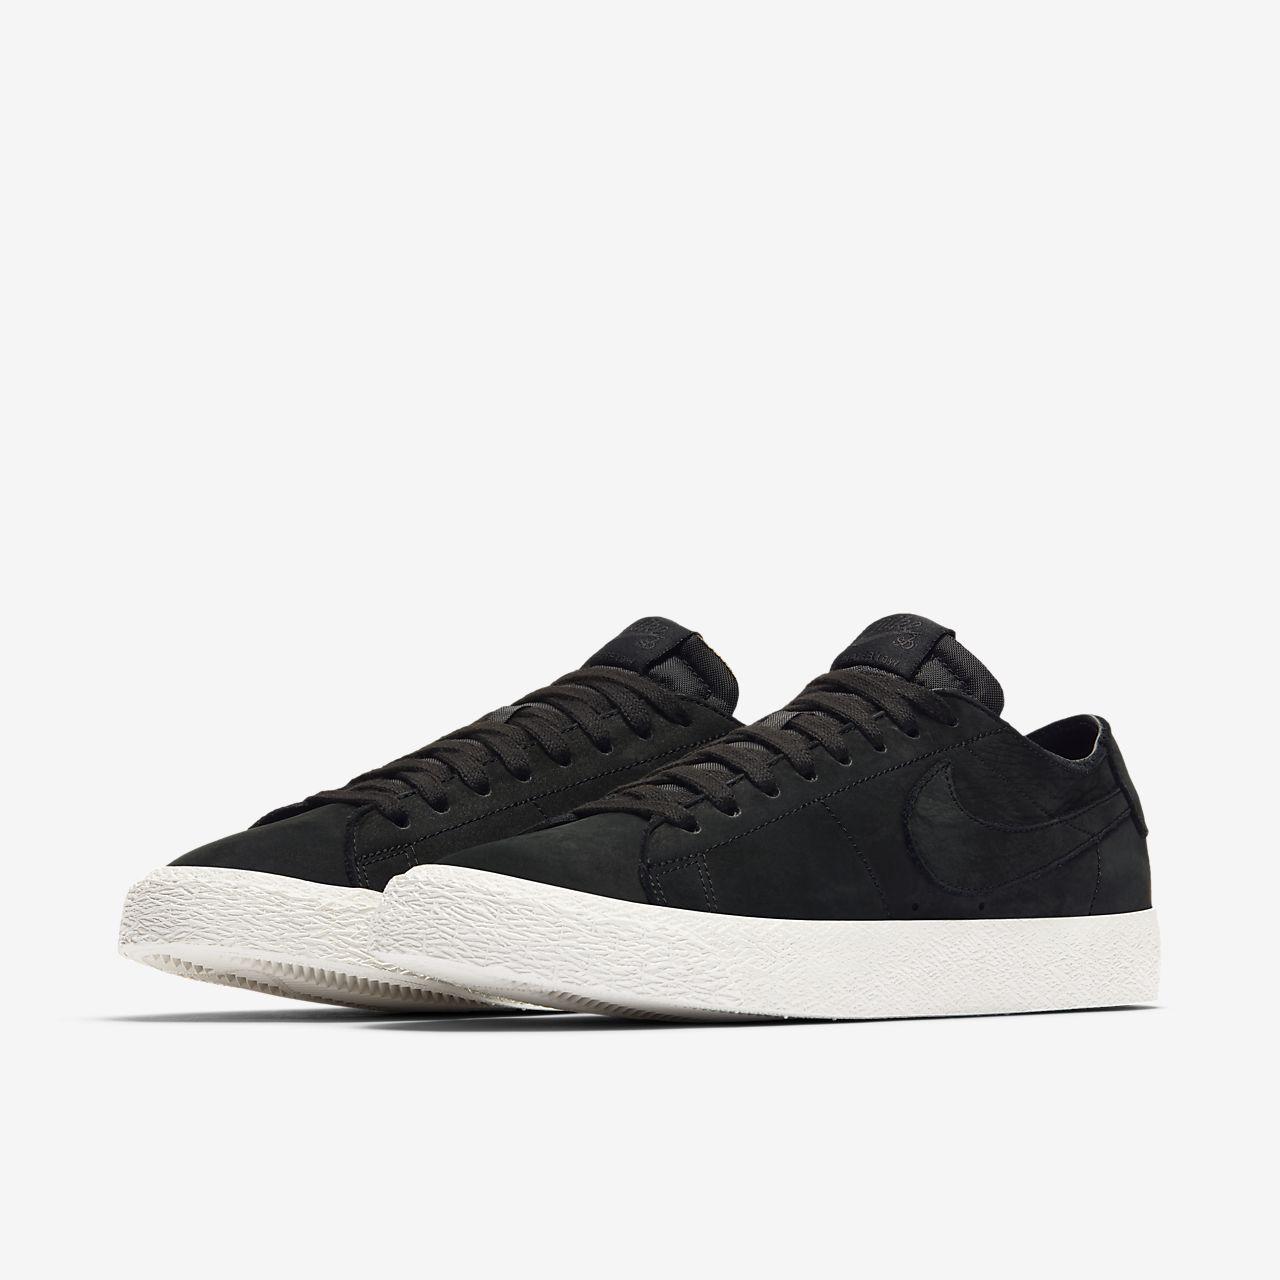 Nike Air Shox Gravity Boutique de Chaussure Baskets Site Officiel Pas cher Homme Noir Or 1903231003 Baskets Nike boutique française